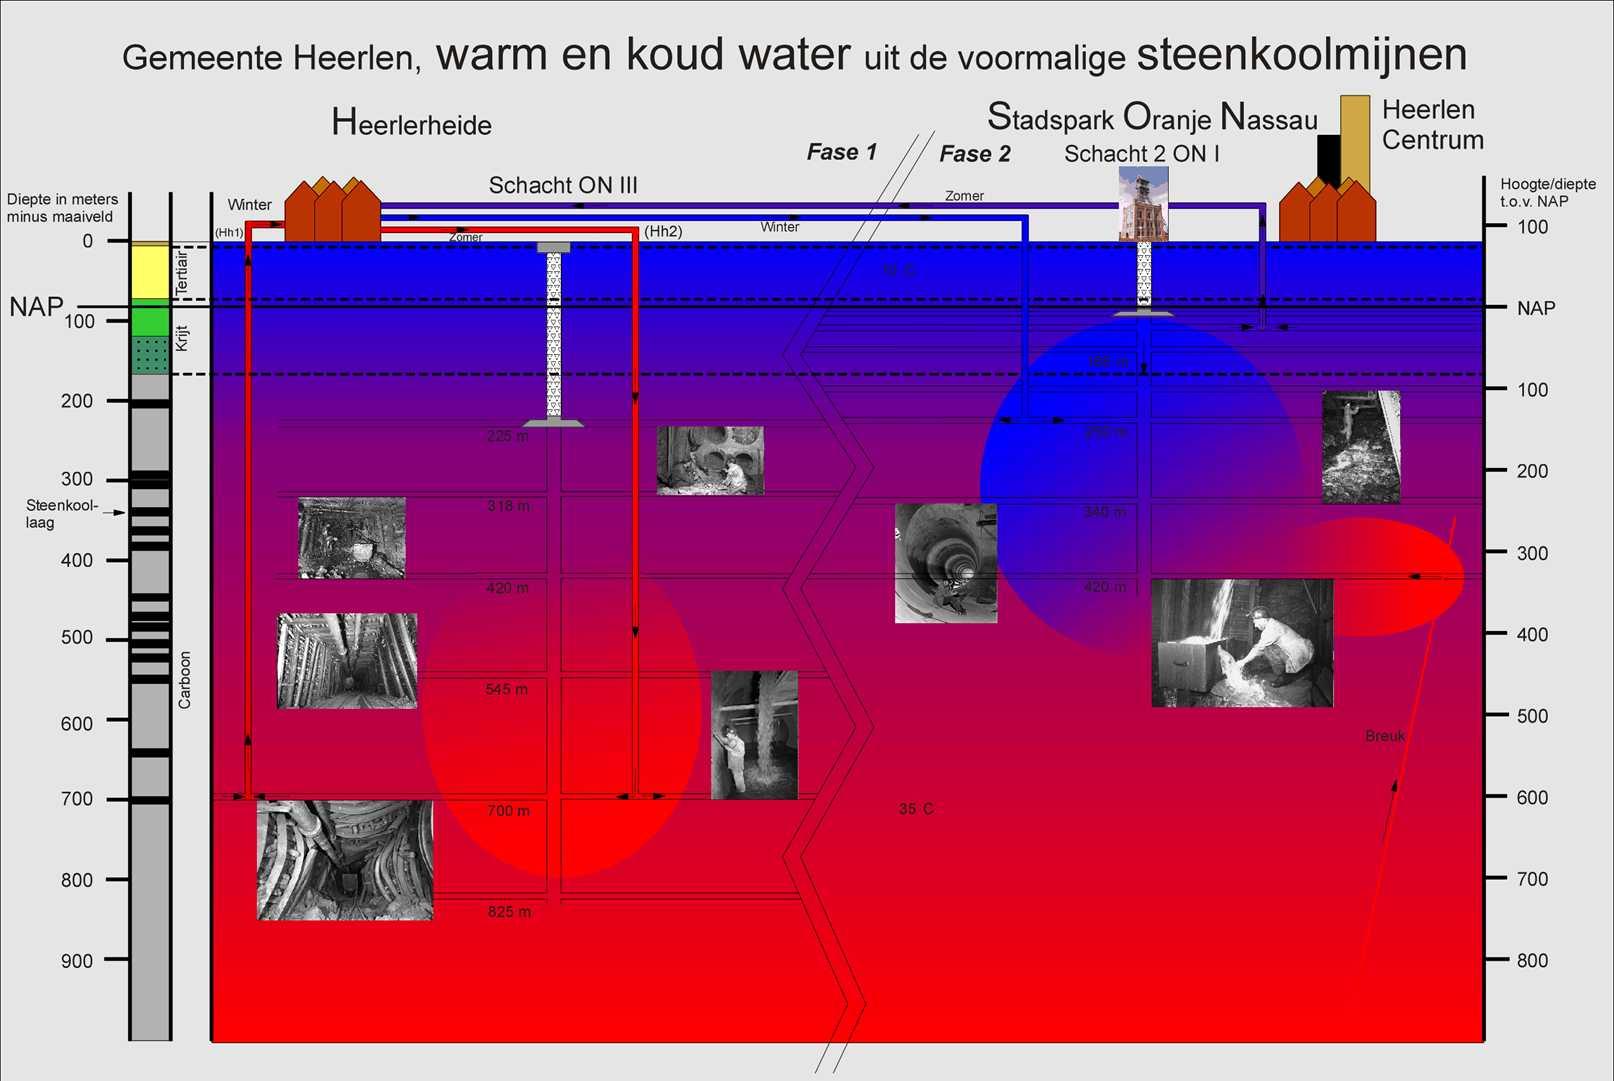 Project Mijnwater Heerlen